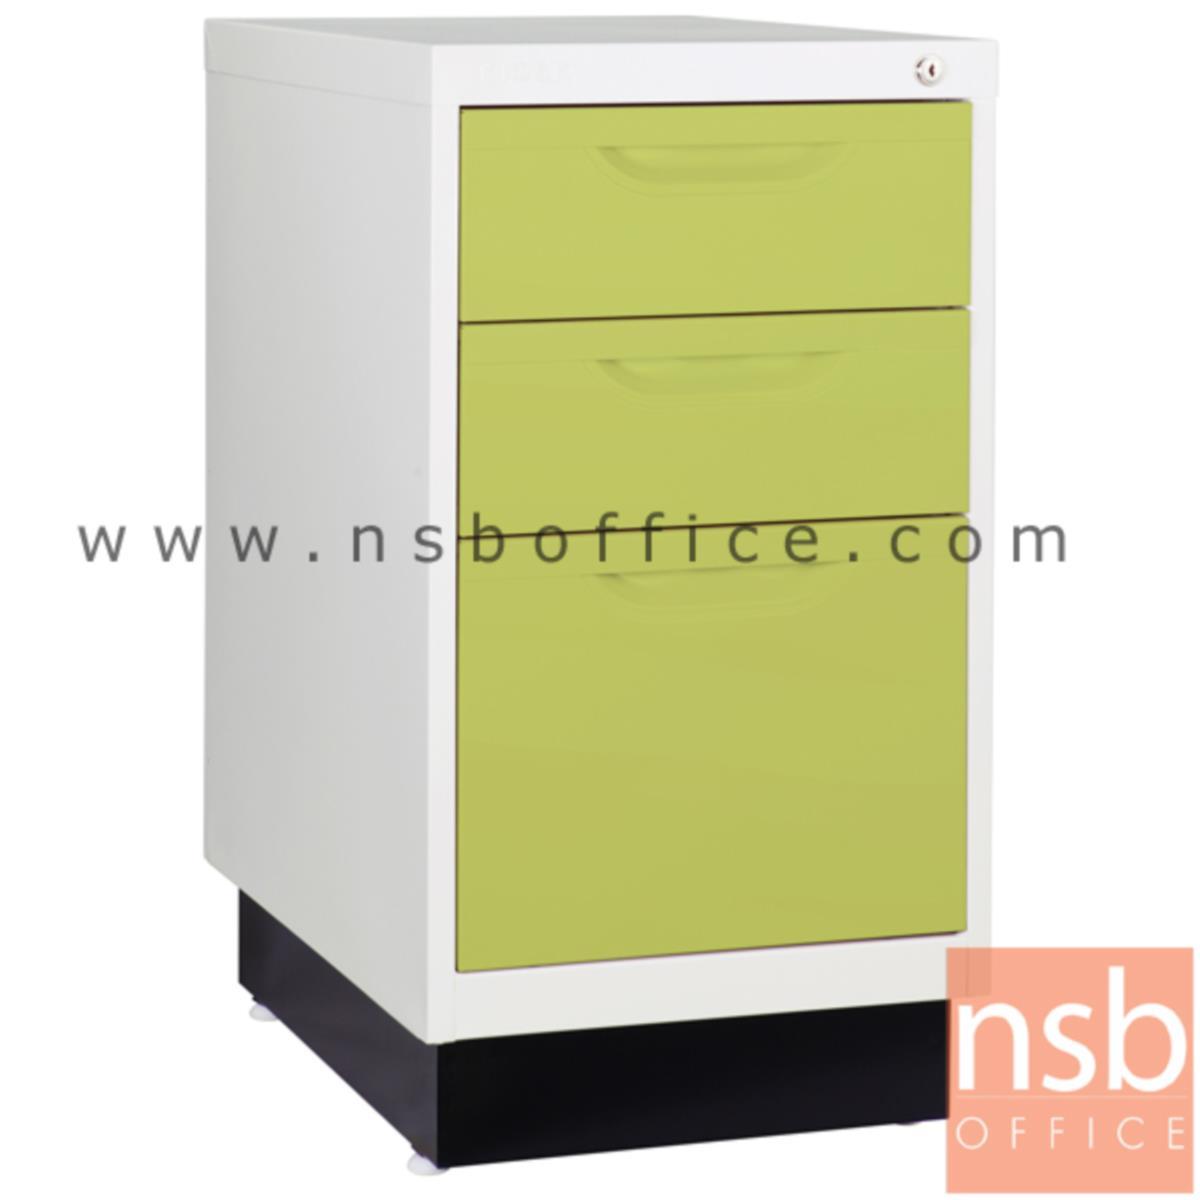 E21A001:ตู้เหล็ก 3 ลิ้นชัก ขาทึบ (วางข้างโต๊ะ) รุ่น BS-703